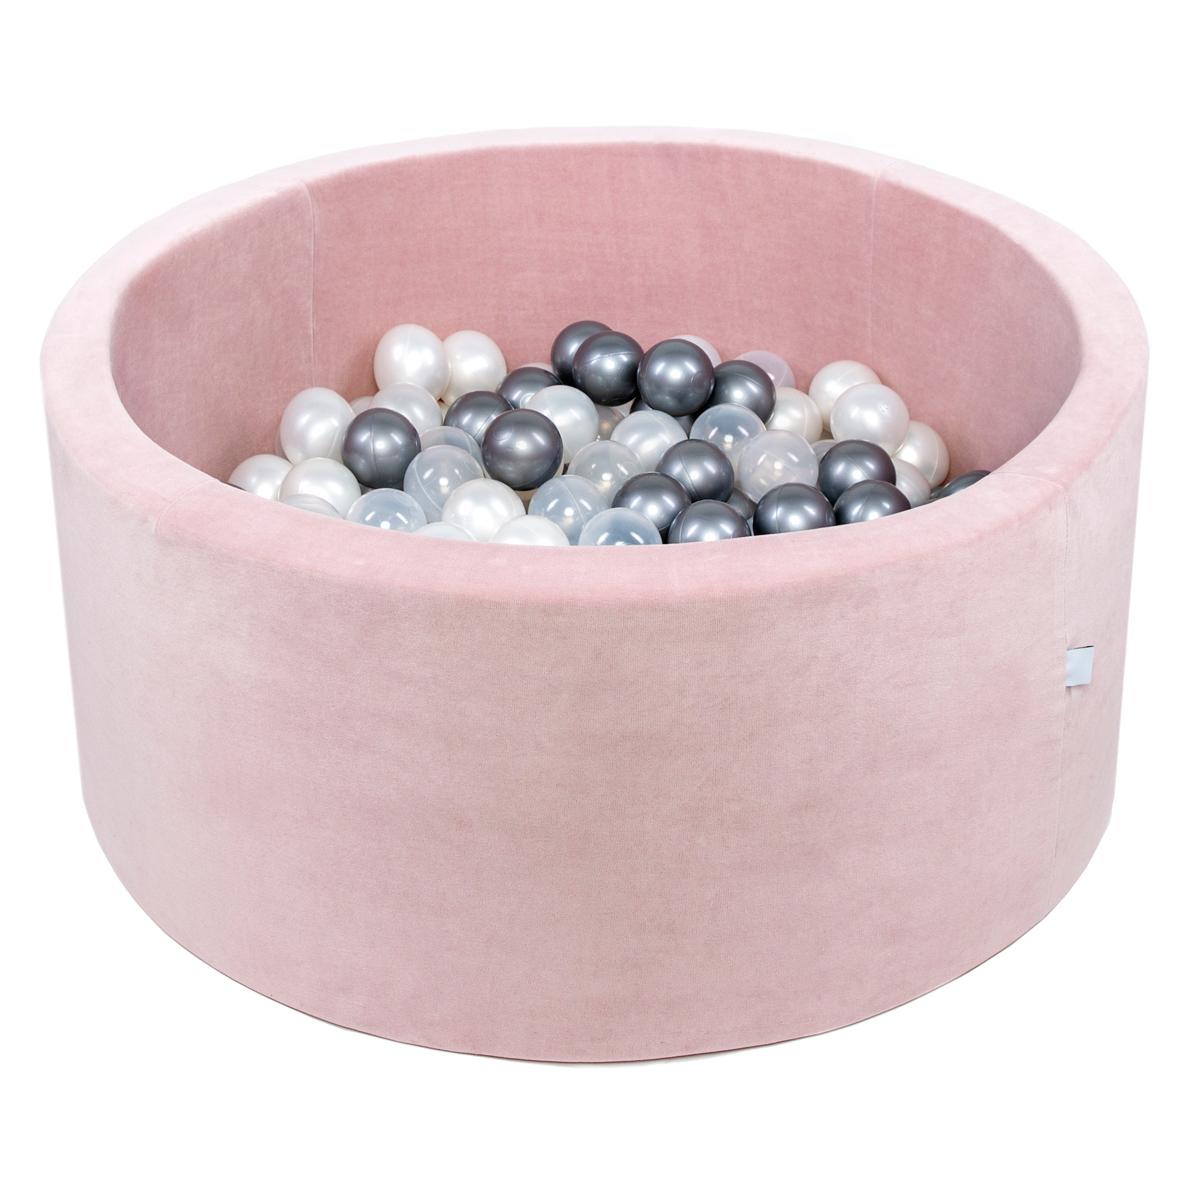 Mes premiers jouets Piscine à Balles Rose Pale 100 cm + Balles RBGT Piscine à Balles Rose Pale 100 cm + Balles RBGT